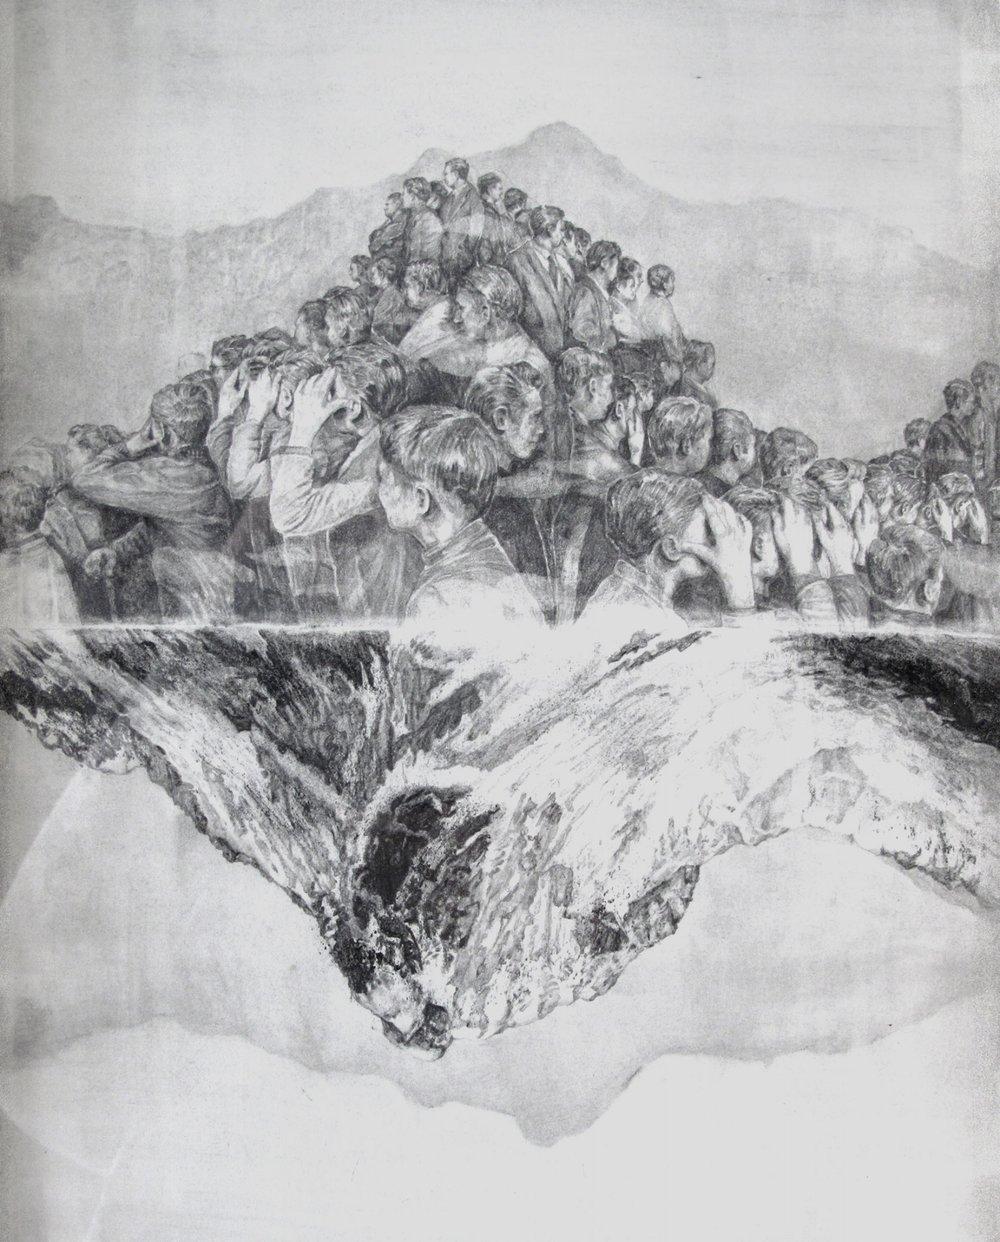 'Neutralisation' detail - graphite and carbon pencil on paper, 28x38cm, 2011